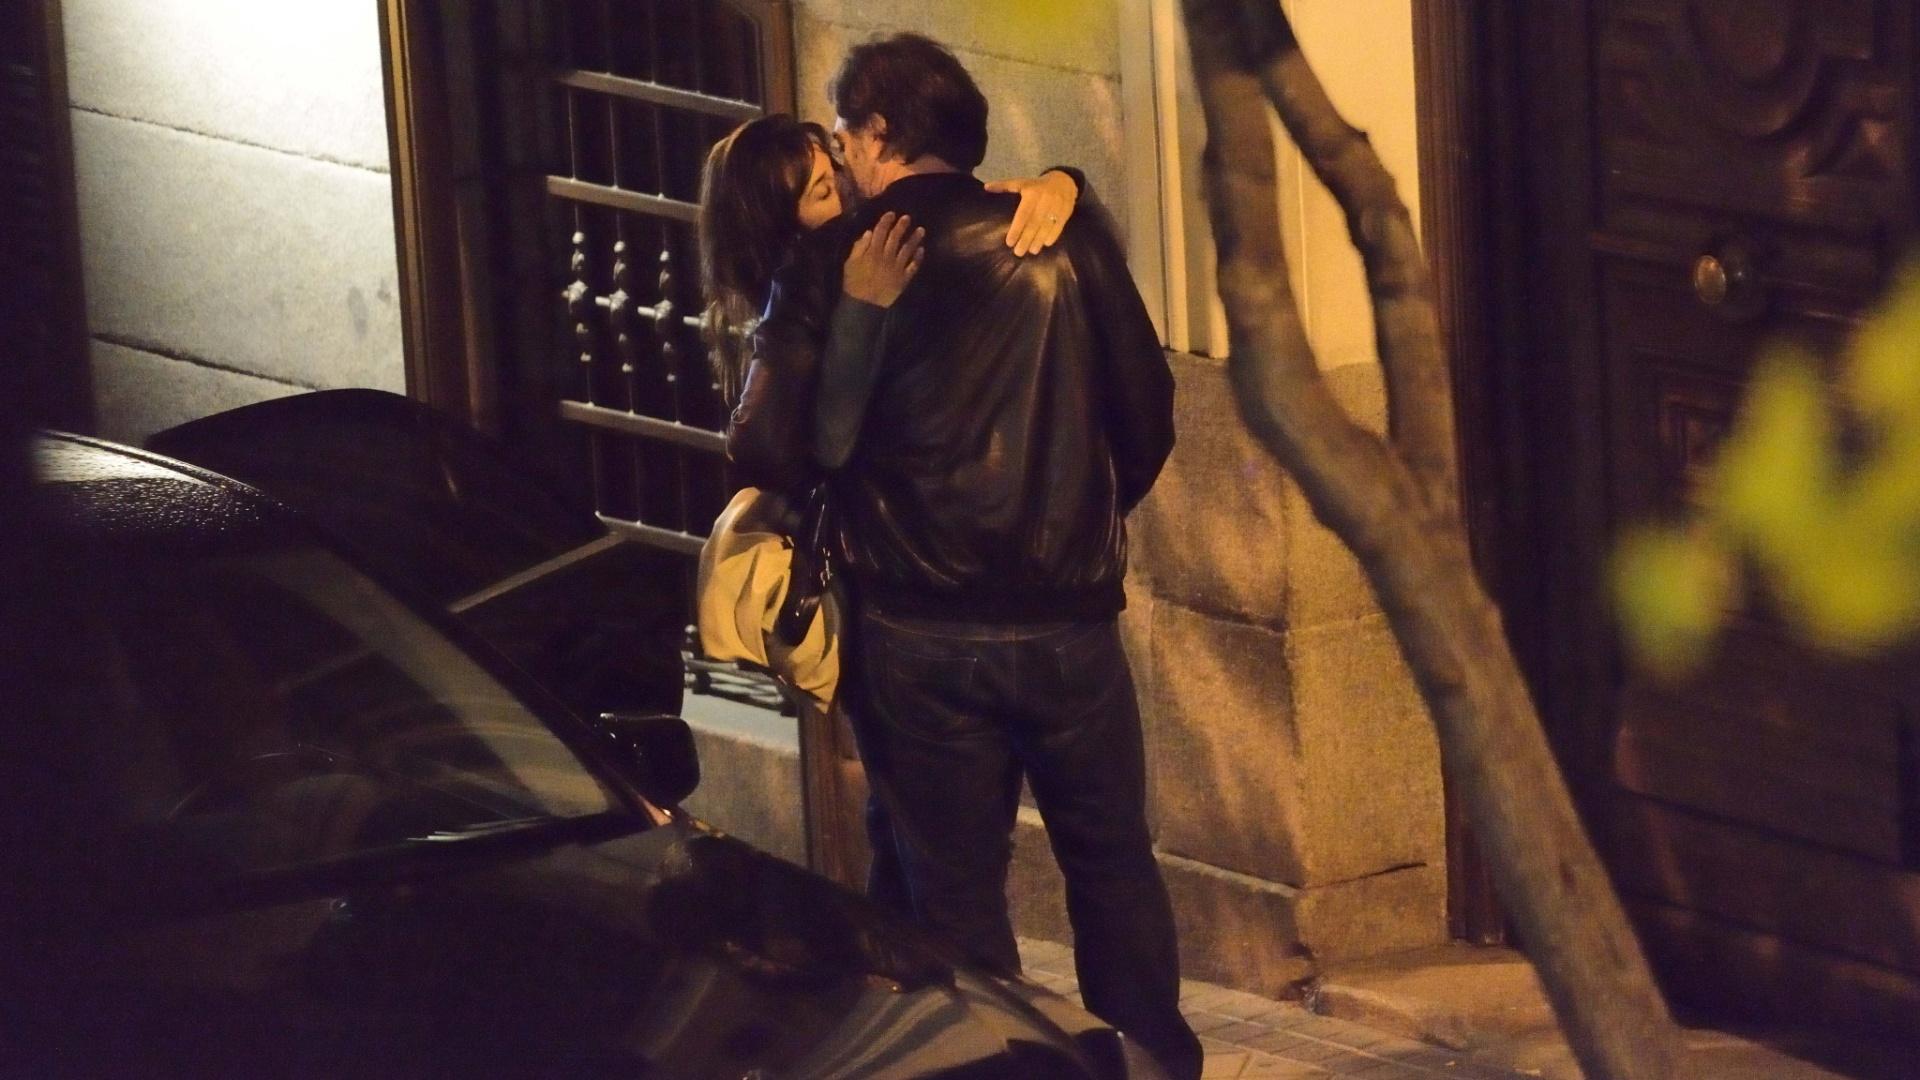 15.mai.2014- Penélope Cruz e o marido, Javier Bardem, são flagrados trocando beijos apaixonados na porta de um restaurante, em Madri, na Espanha. Na ocasião, a atriz estava comemorando seu aniversário de 40 anos